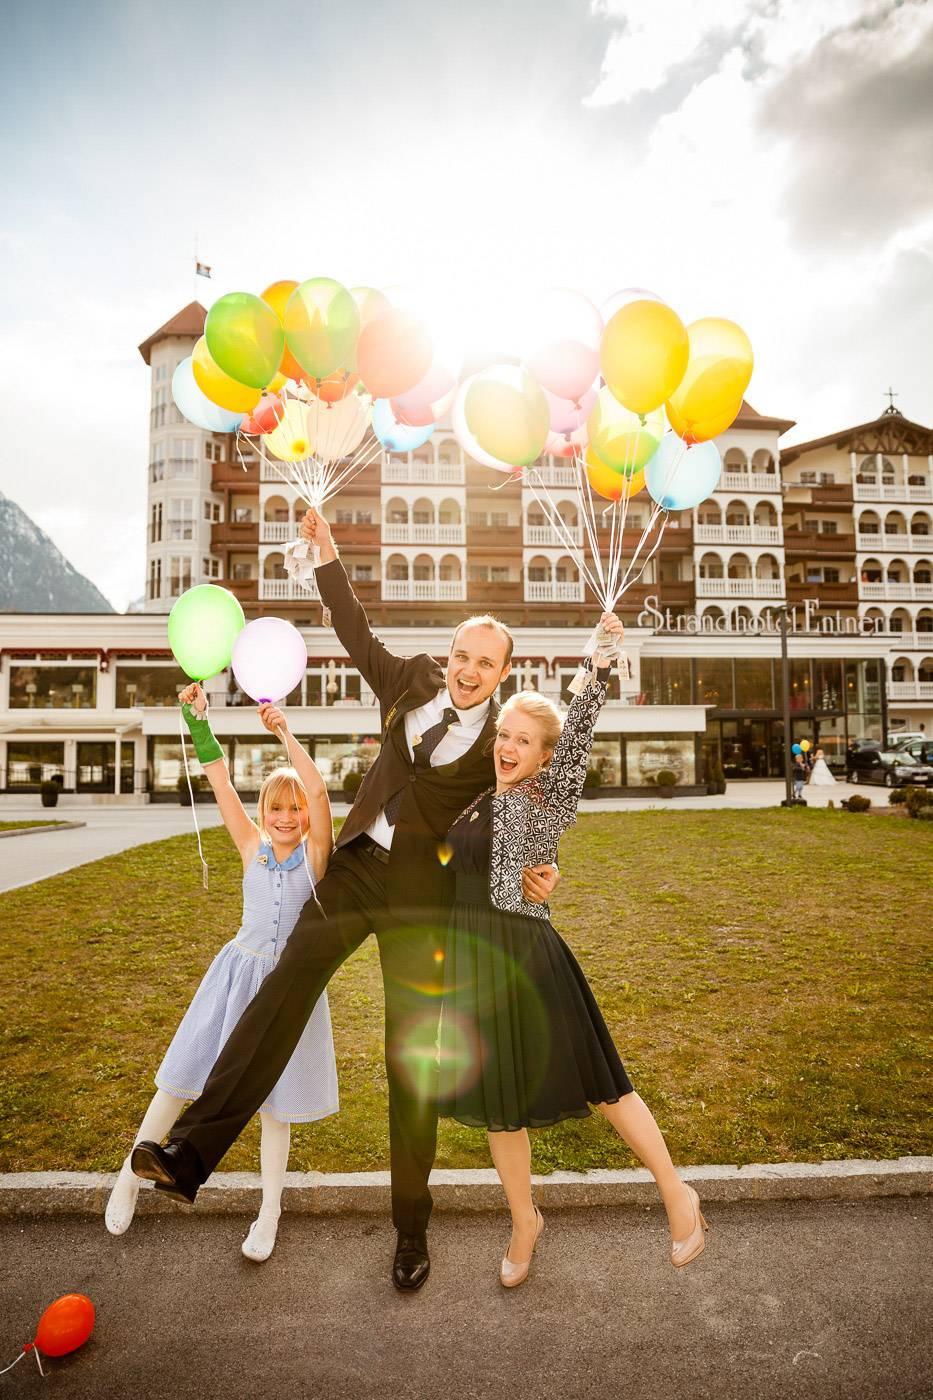 aschenputtel-hochzeitsfotograf-entners-luftballons-achensee-tirol